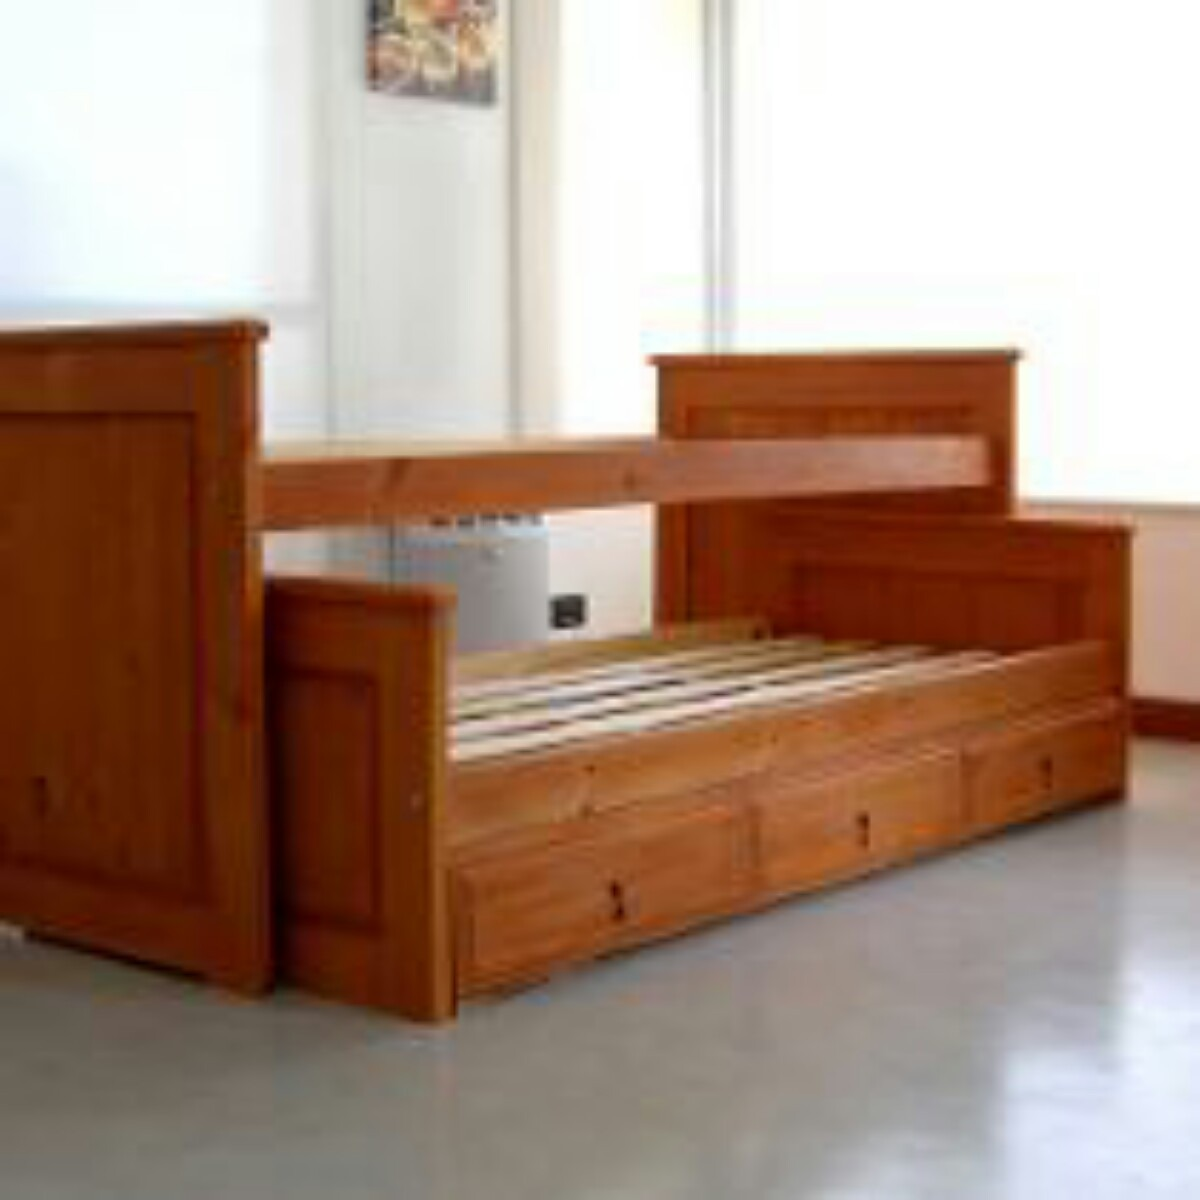 Infantiles dos camas perfect camas infantiles que for Cama nido de 1 plaza